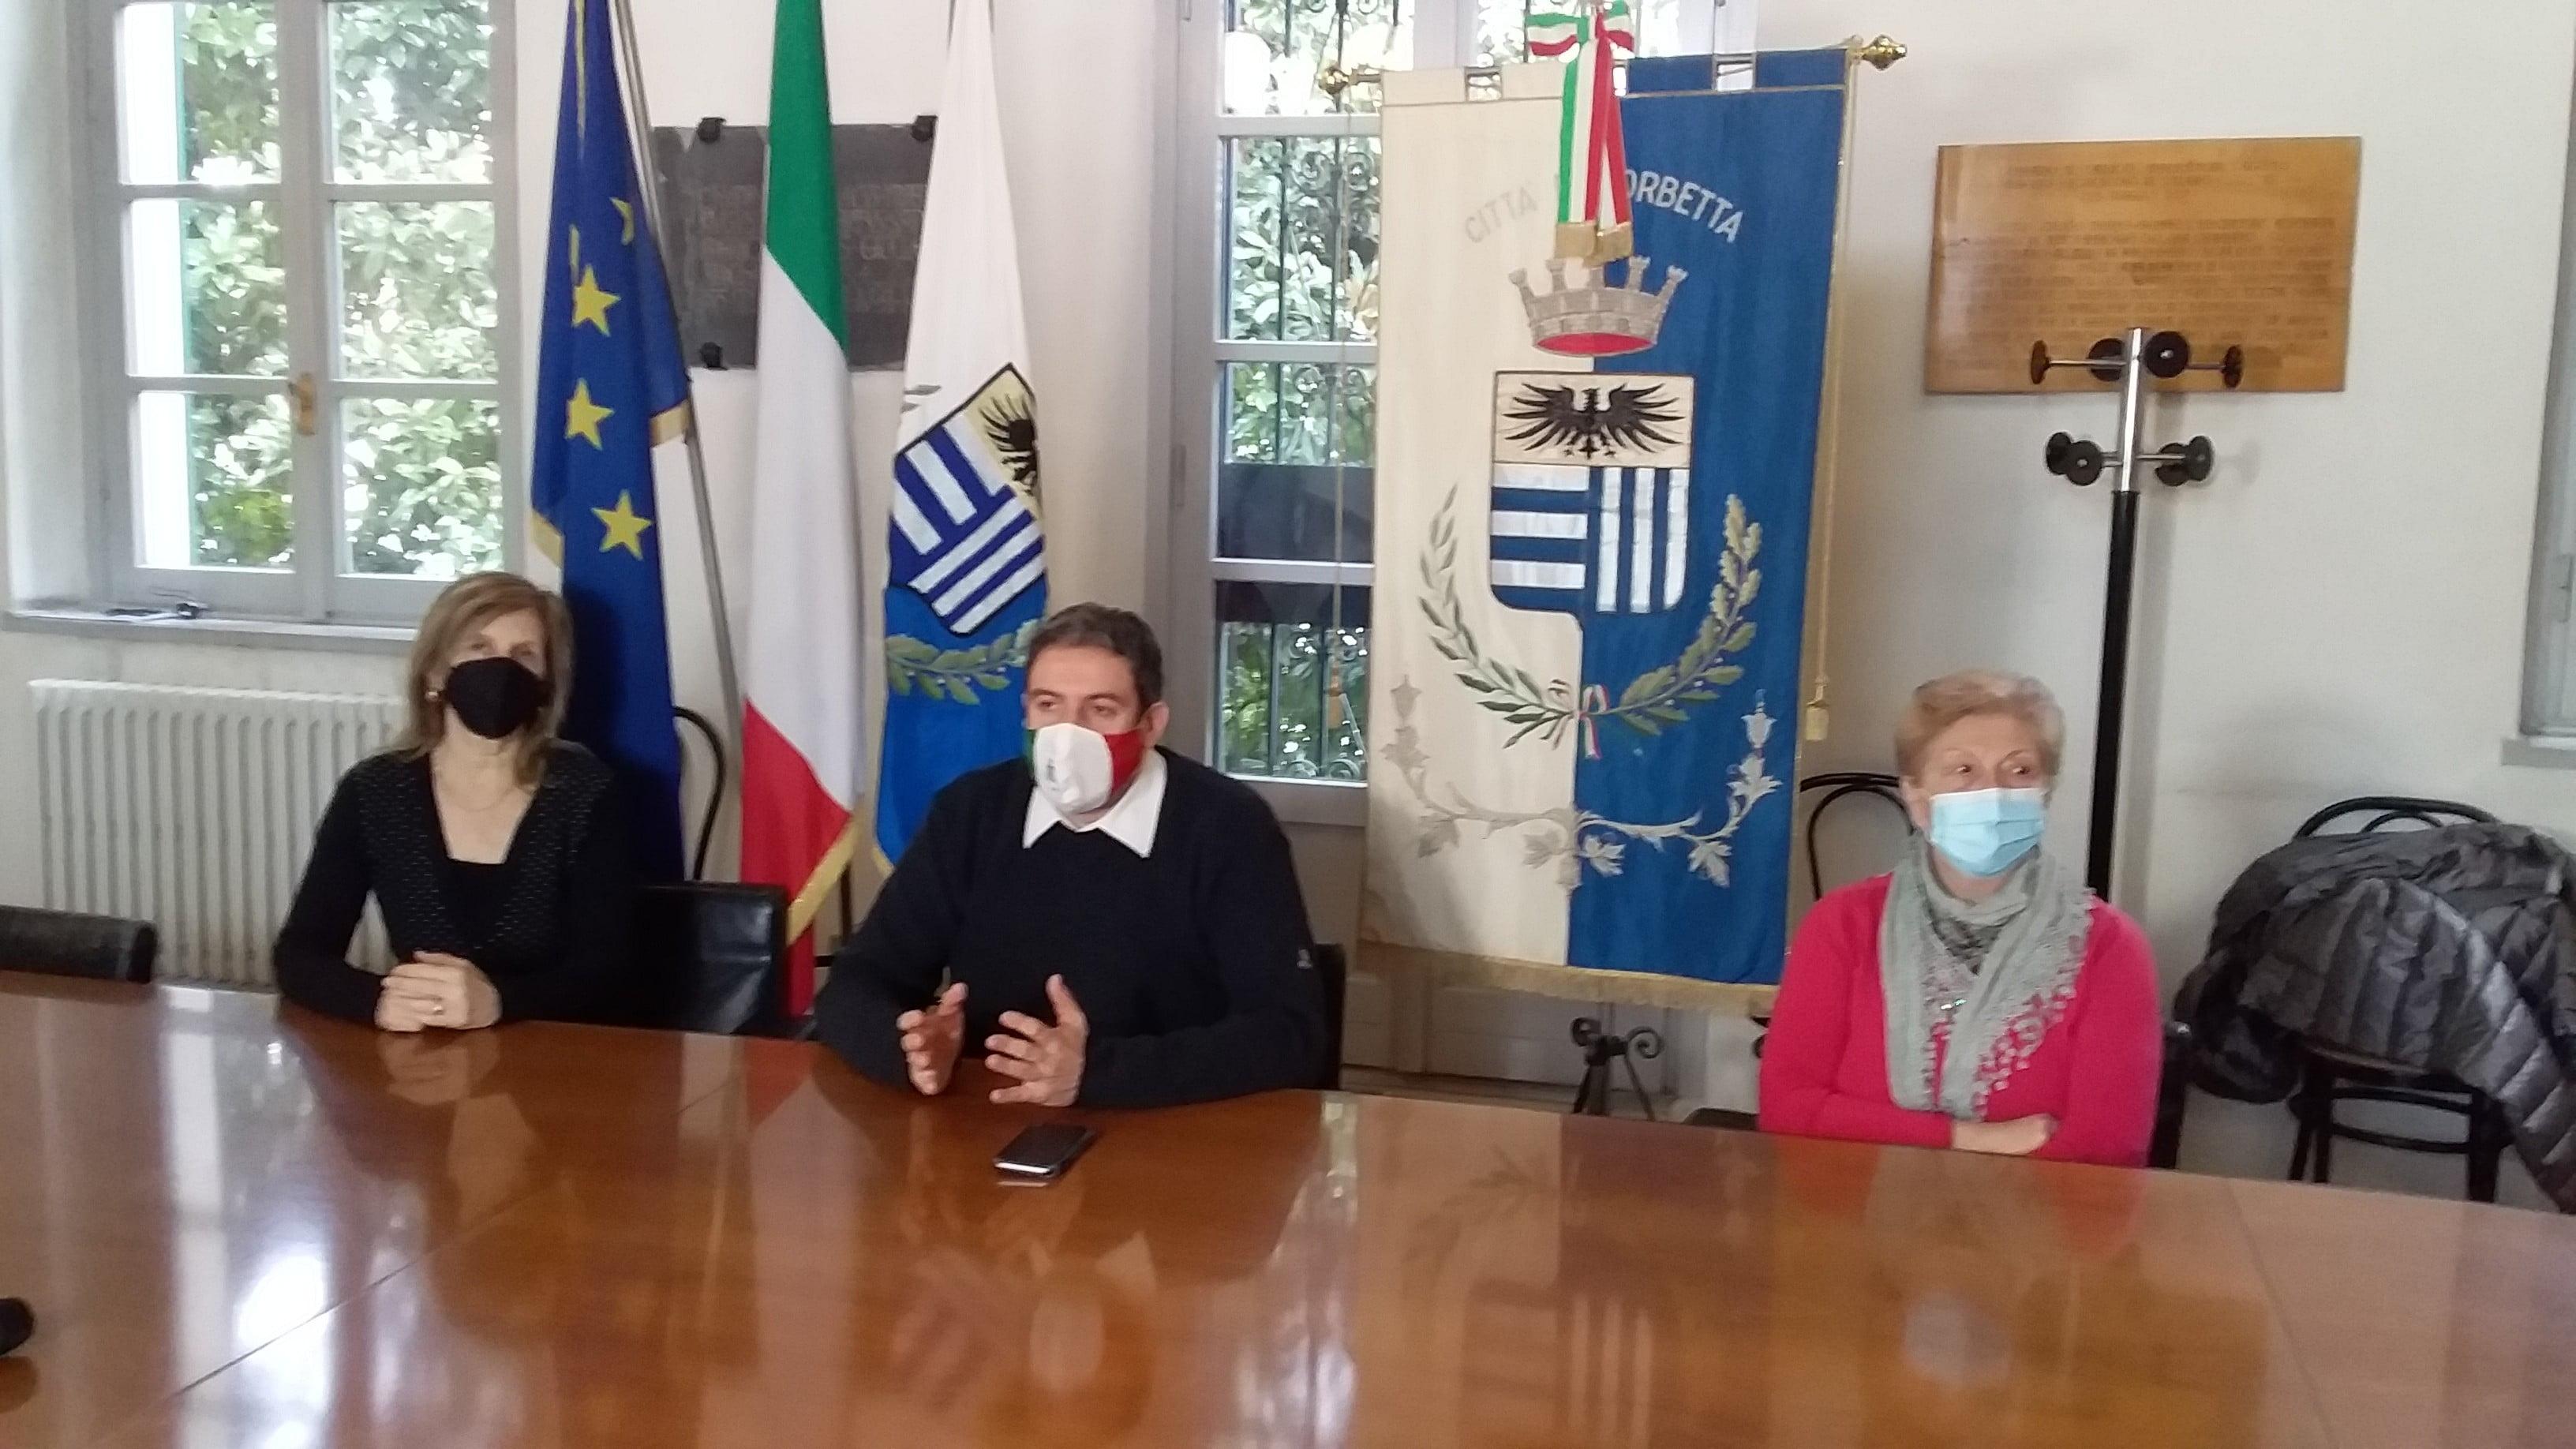 corbetta Corbetta - Corbetta. Il mistero dei candidati sindaci 15/07/2021